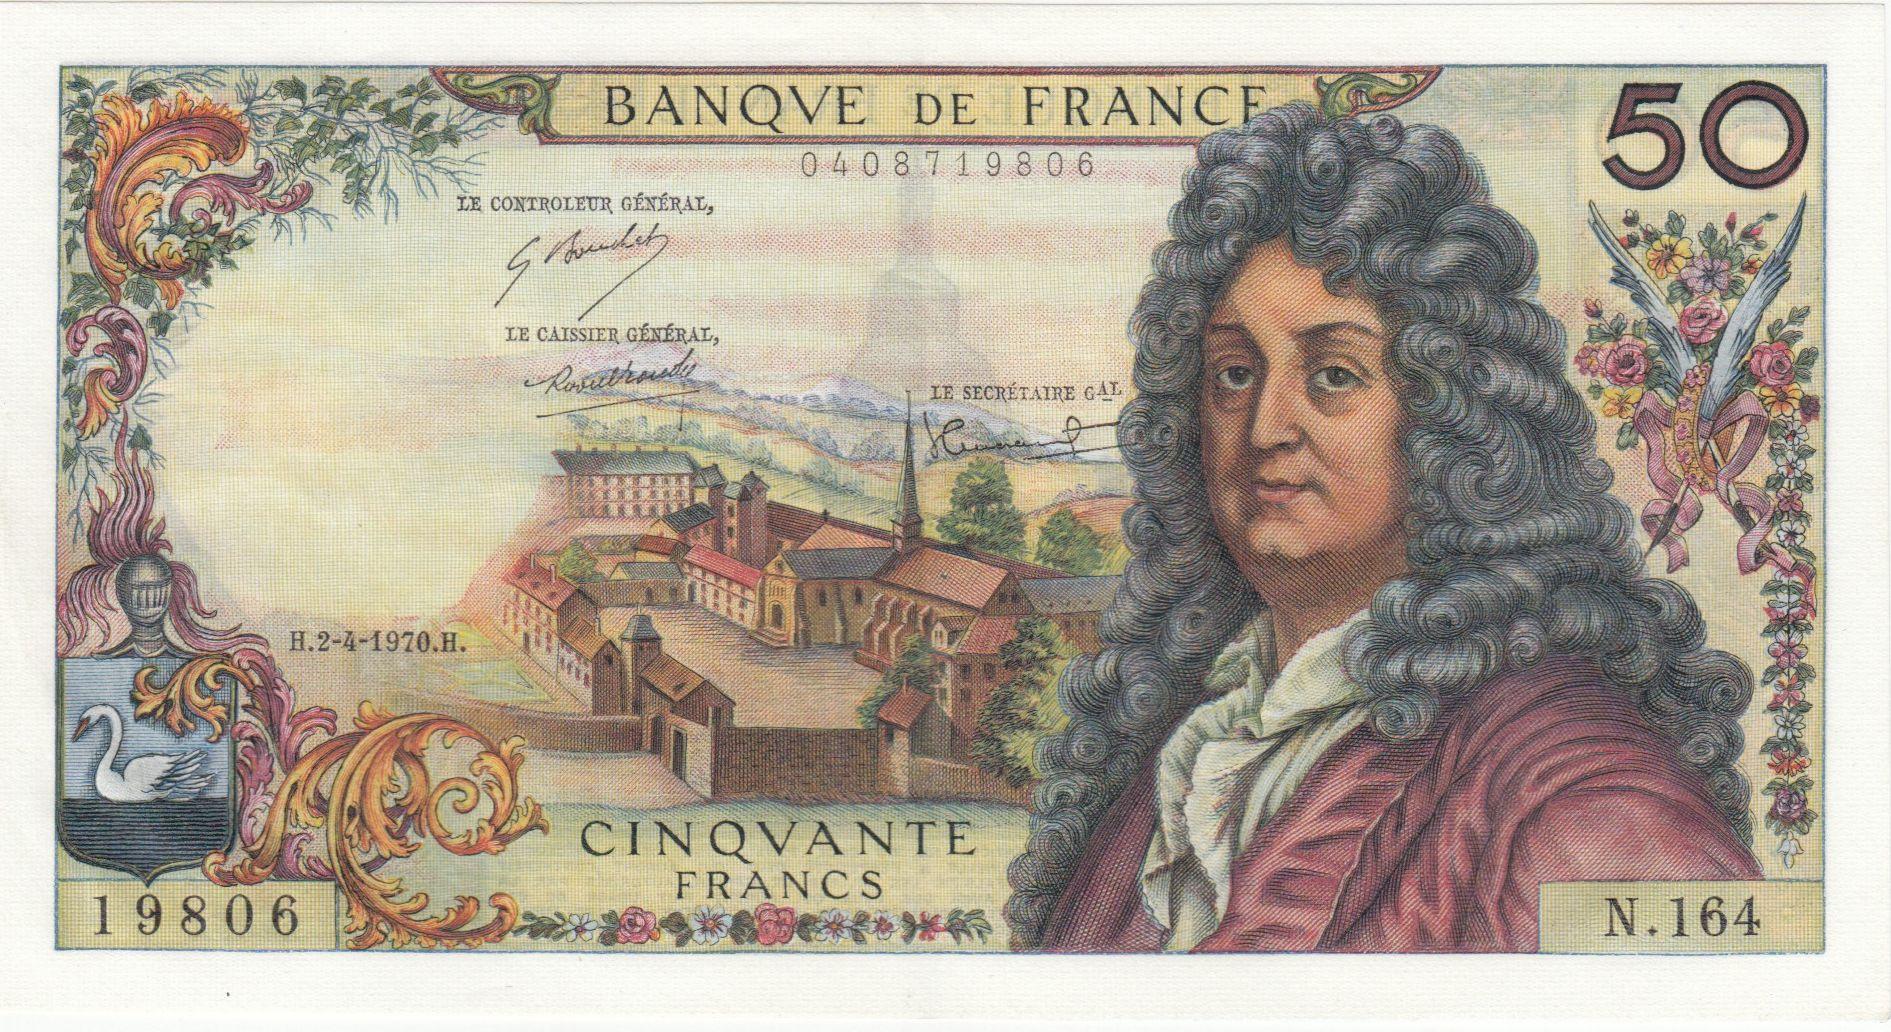 France 50 Francs Racine 02-04-1970 - Série N.164 - SUP+